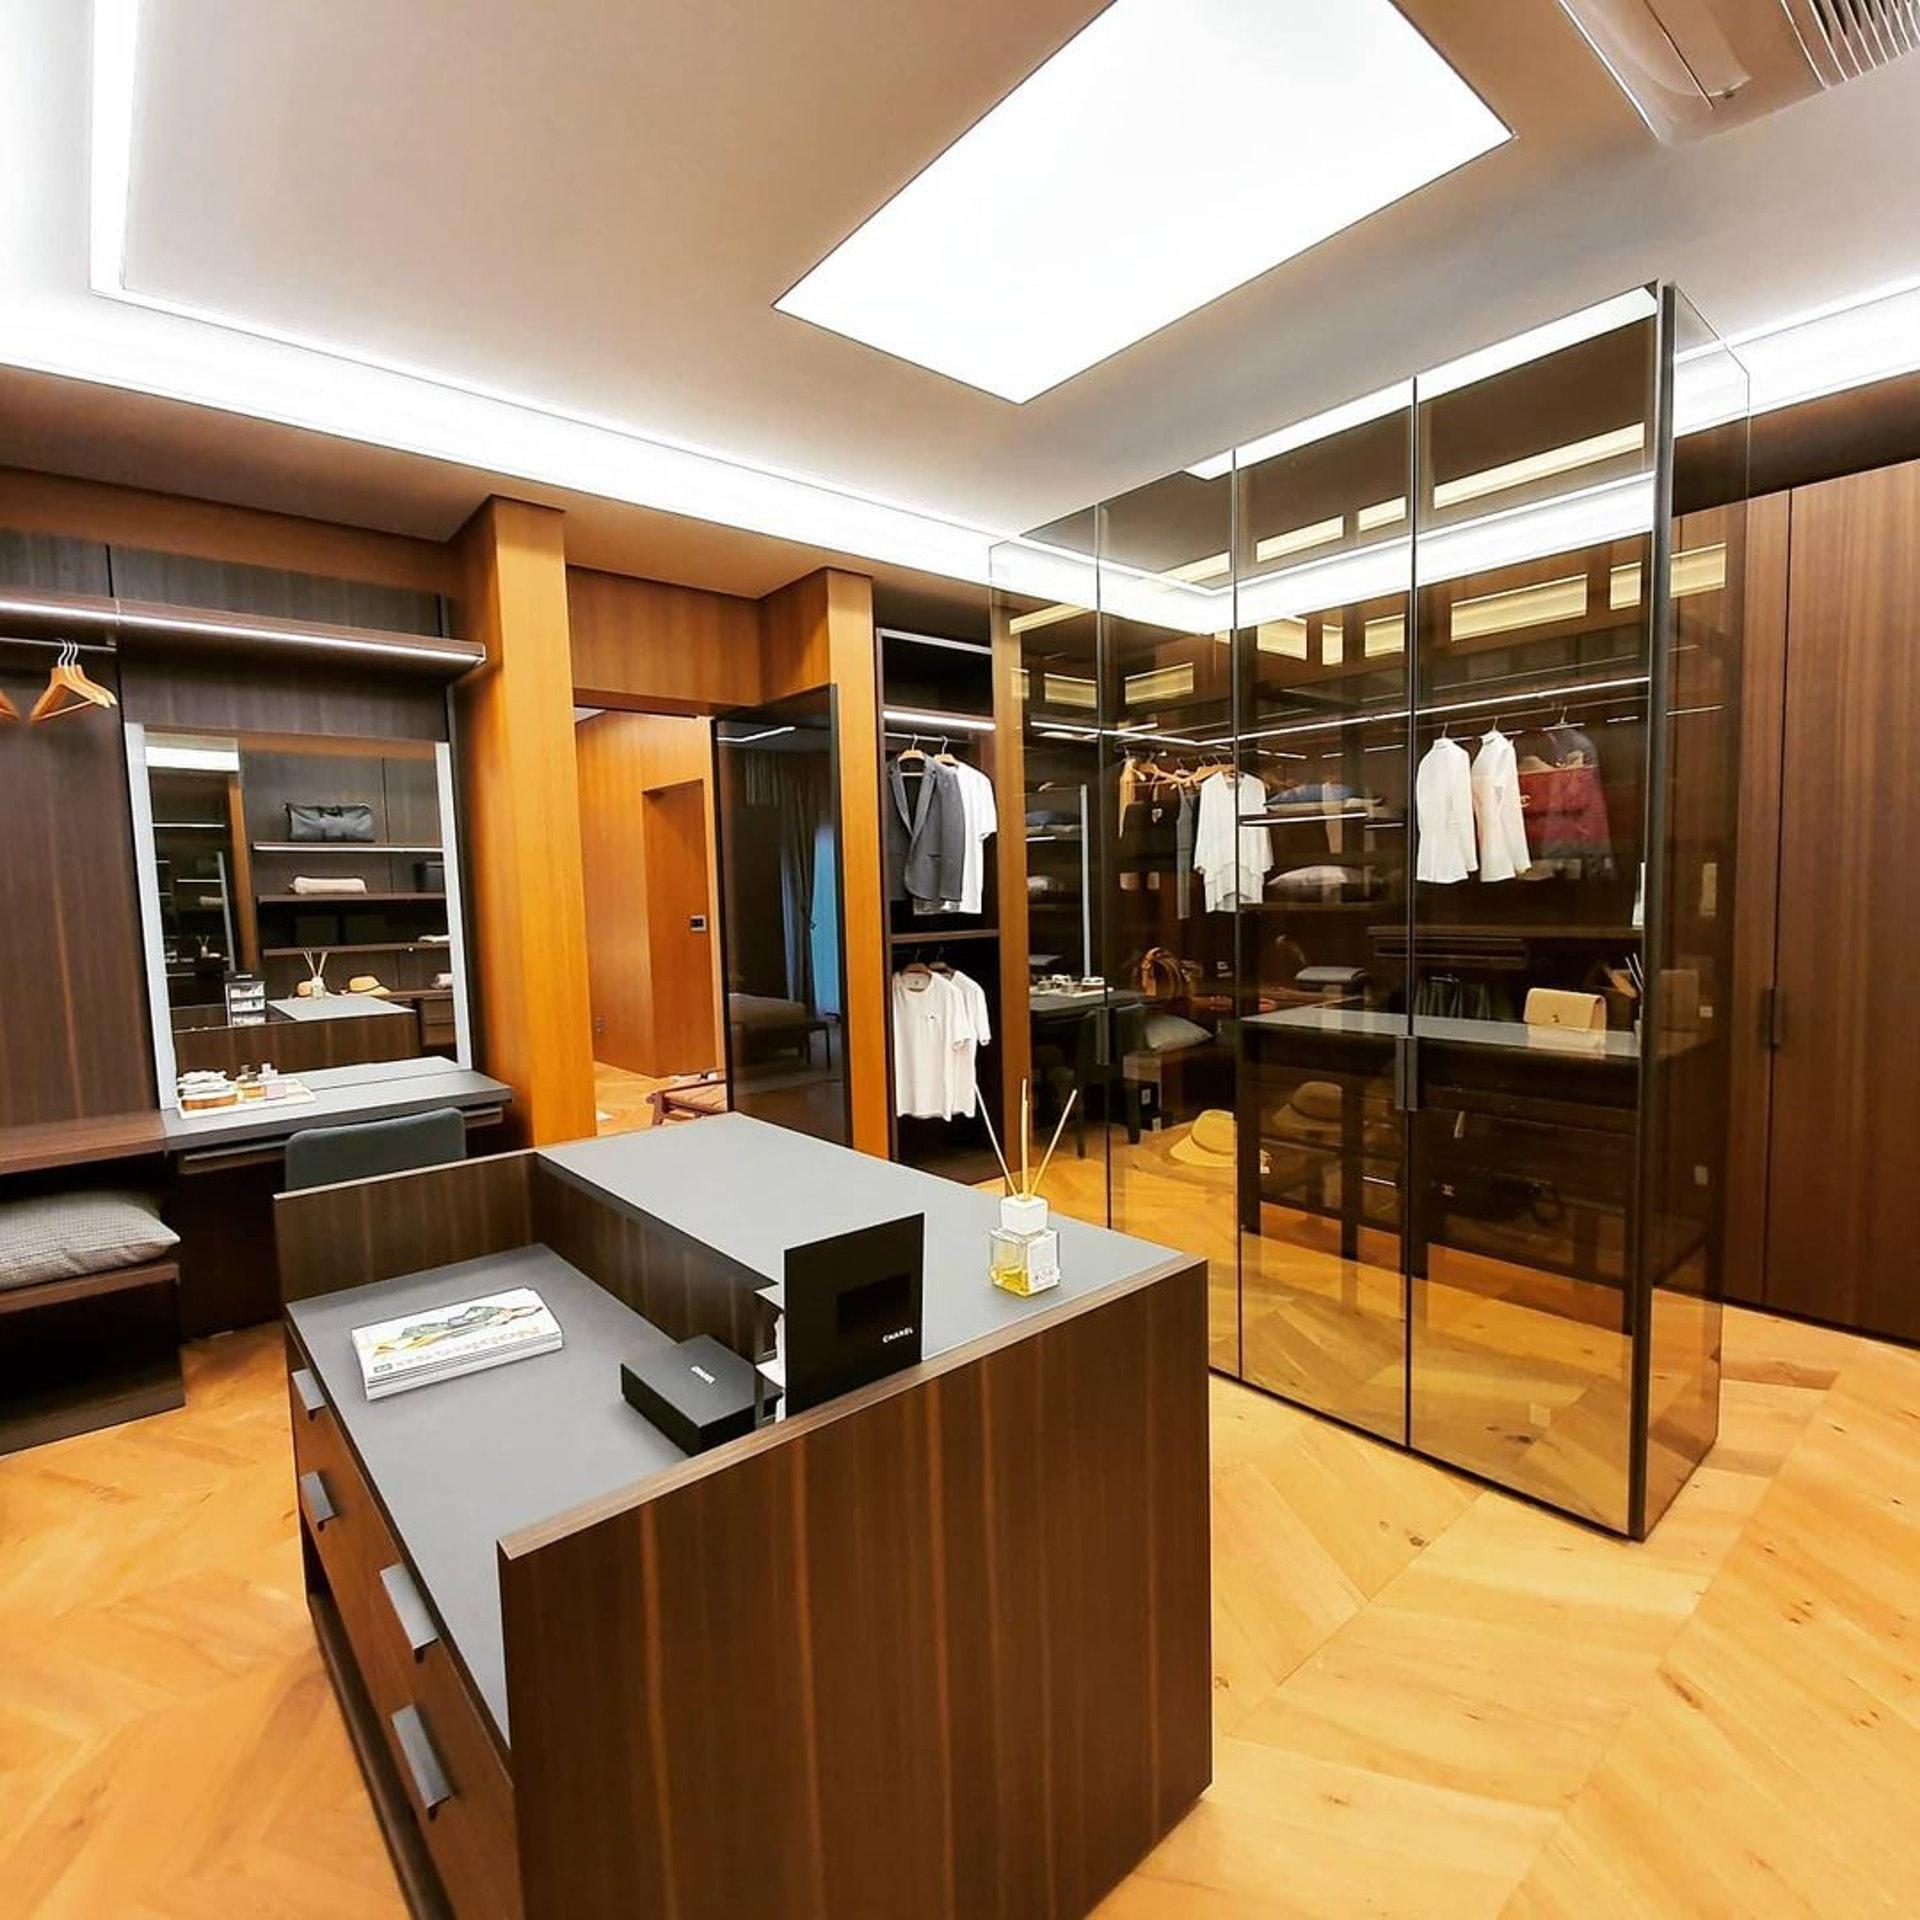 Penthouse mới giá gần 100 tỷ của Hyun Bin gây choáng ngợp vì độ sang chảnh - Ảnh 12.